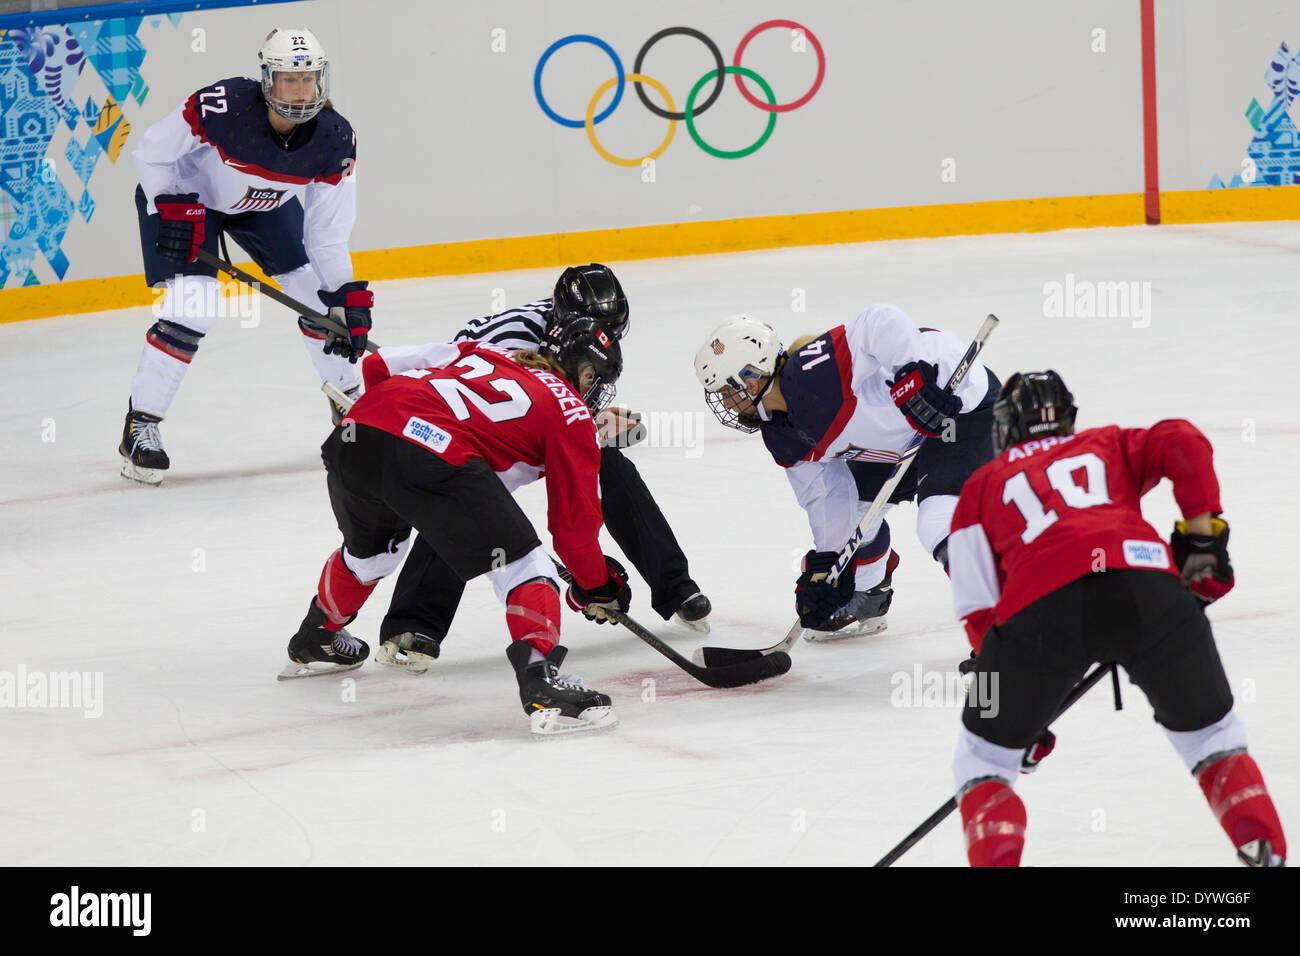 USA-Canada Le hockey sur glace féminin aux Jeux Olympiques d'hiver de Sotchi en 2014, Photo Stock